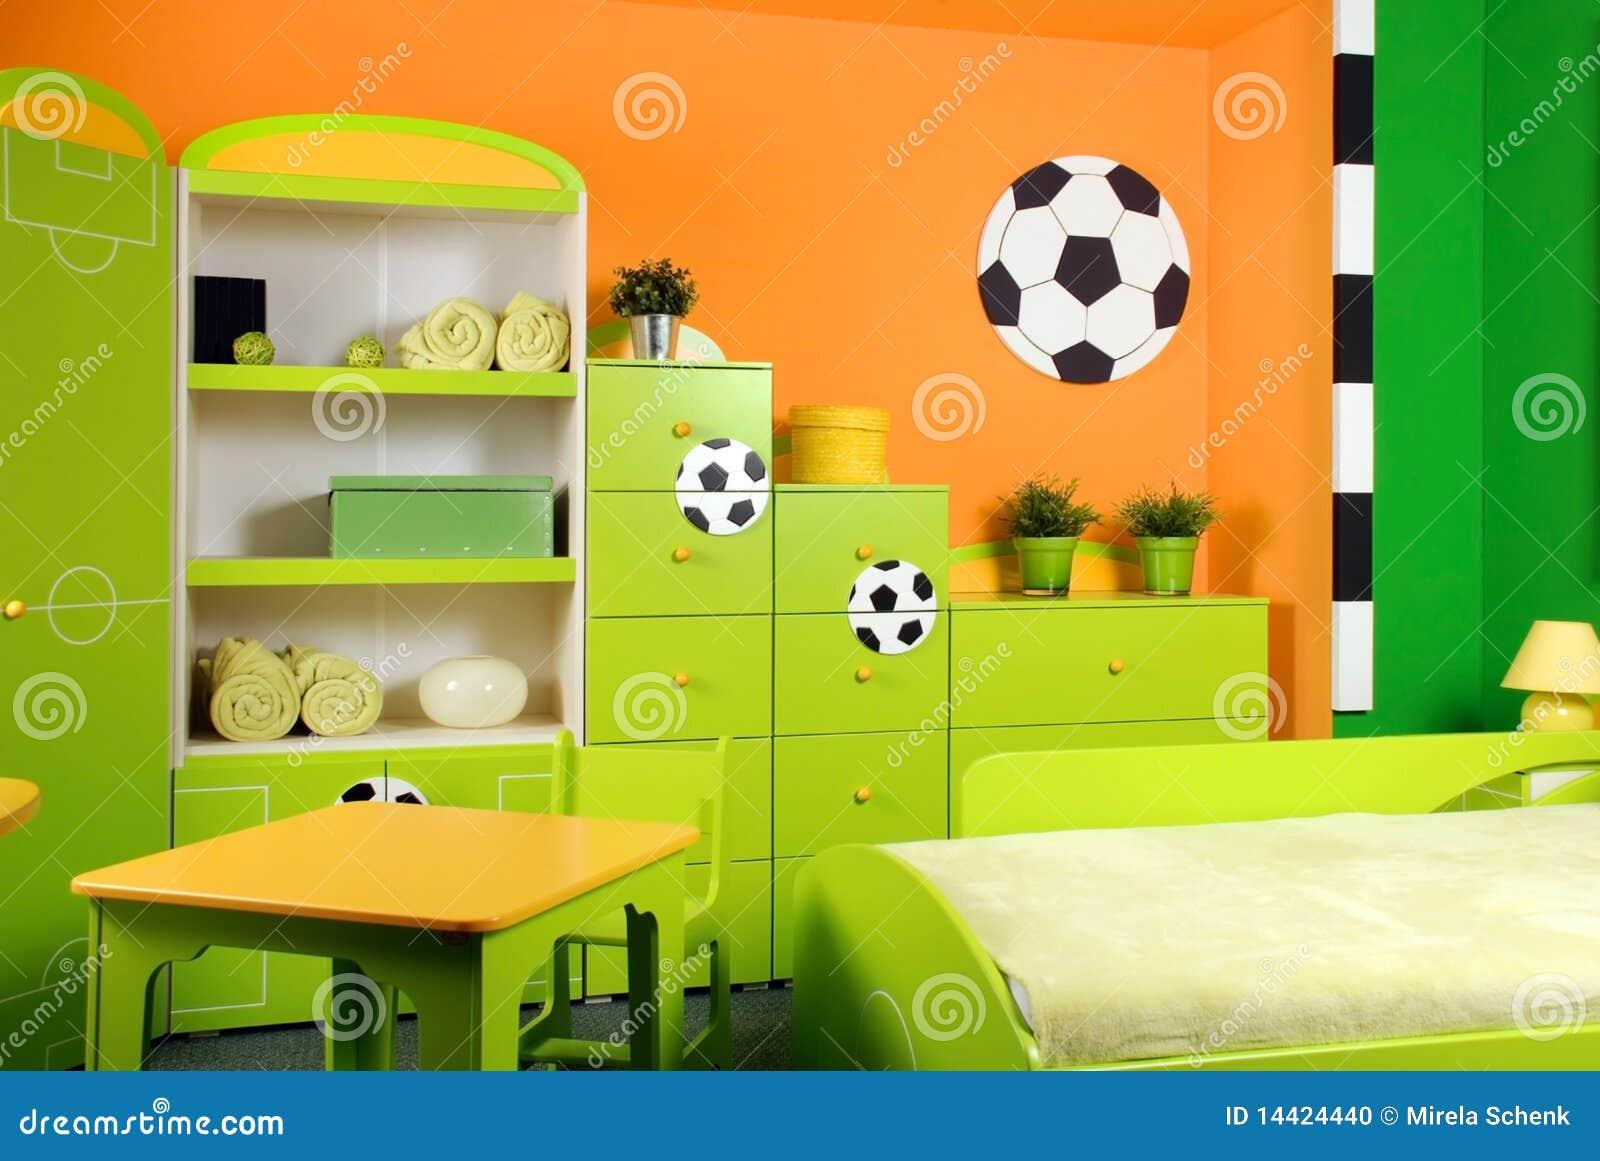 Jungen schlafzimmer stockfoto bild 14424440 - Jungen schlafzimmer ...